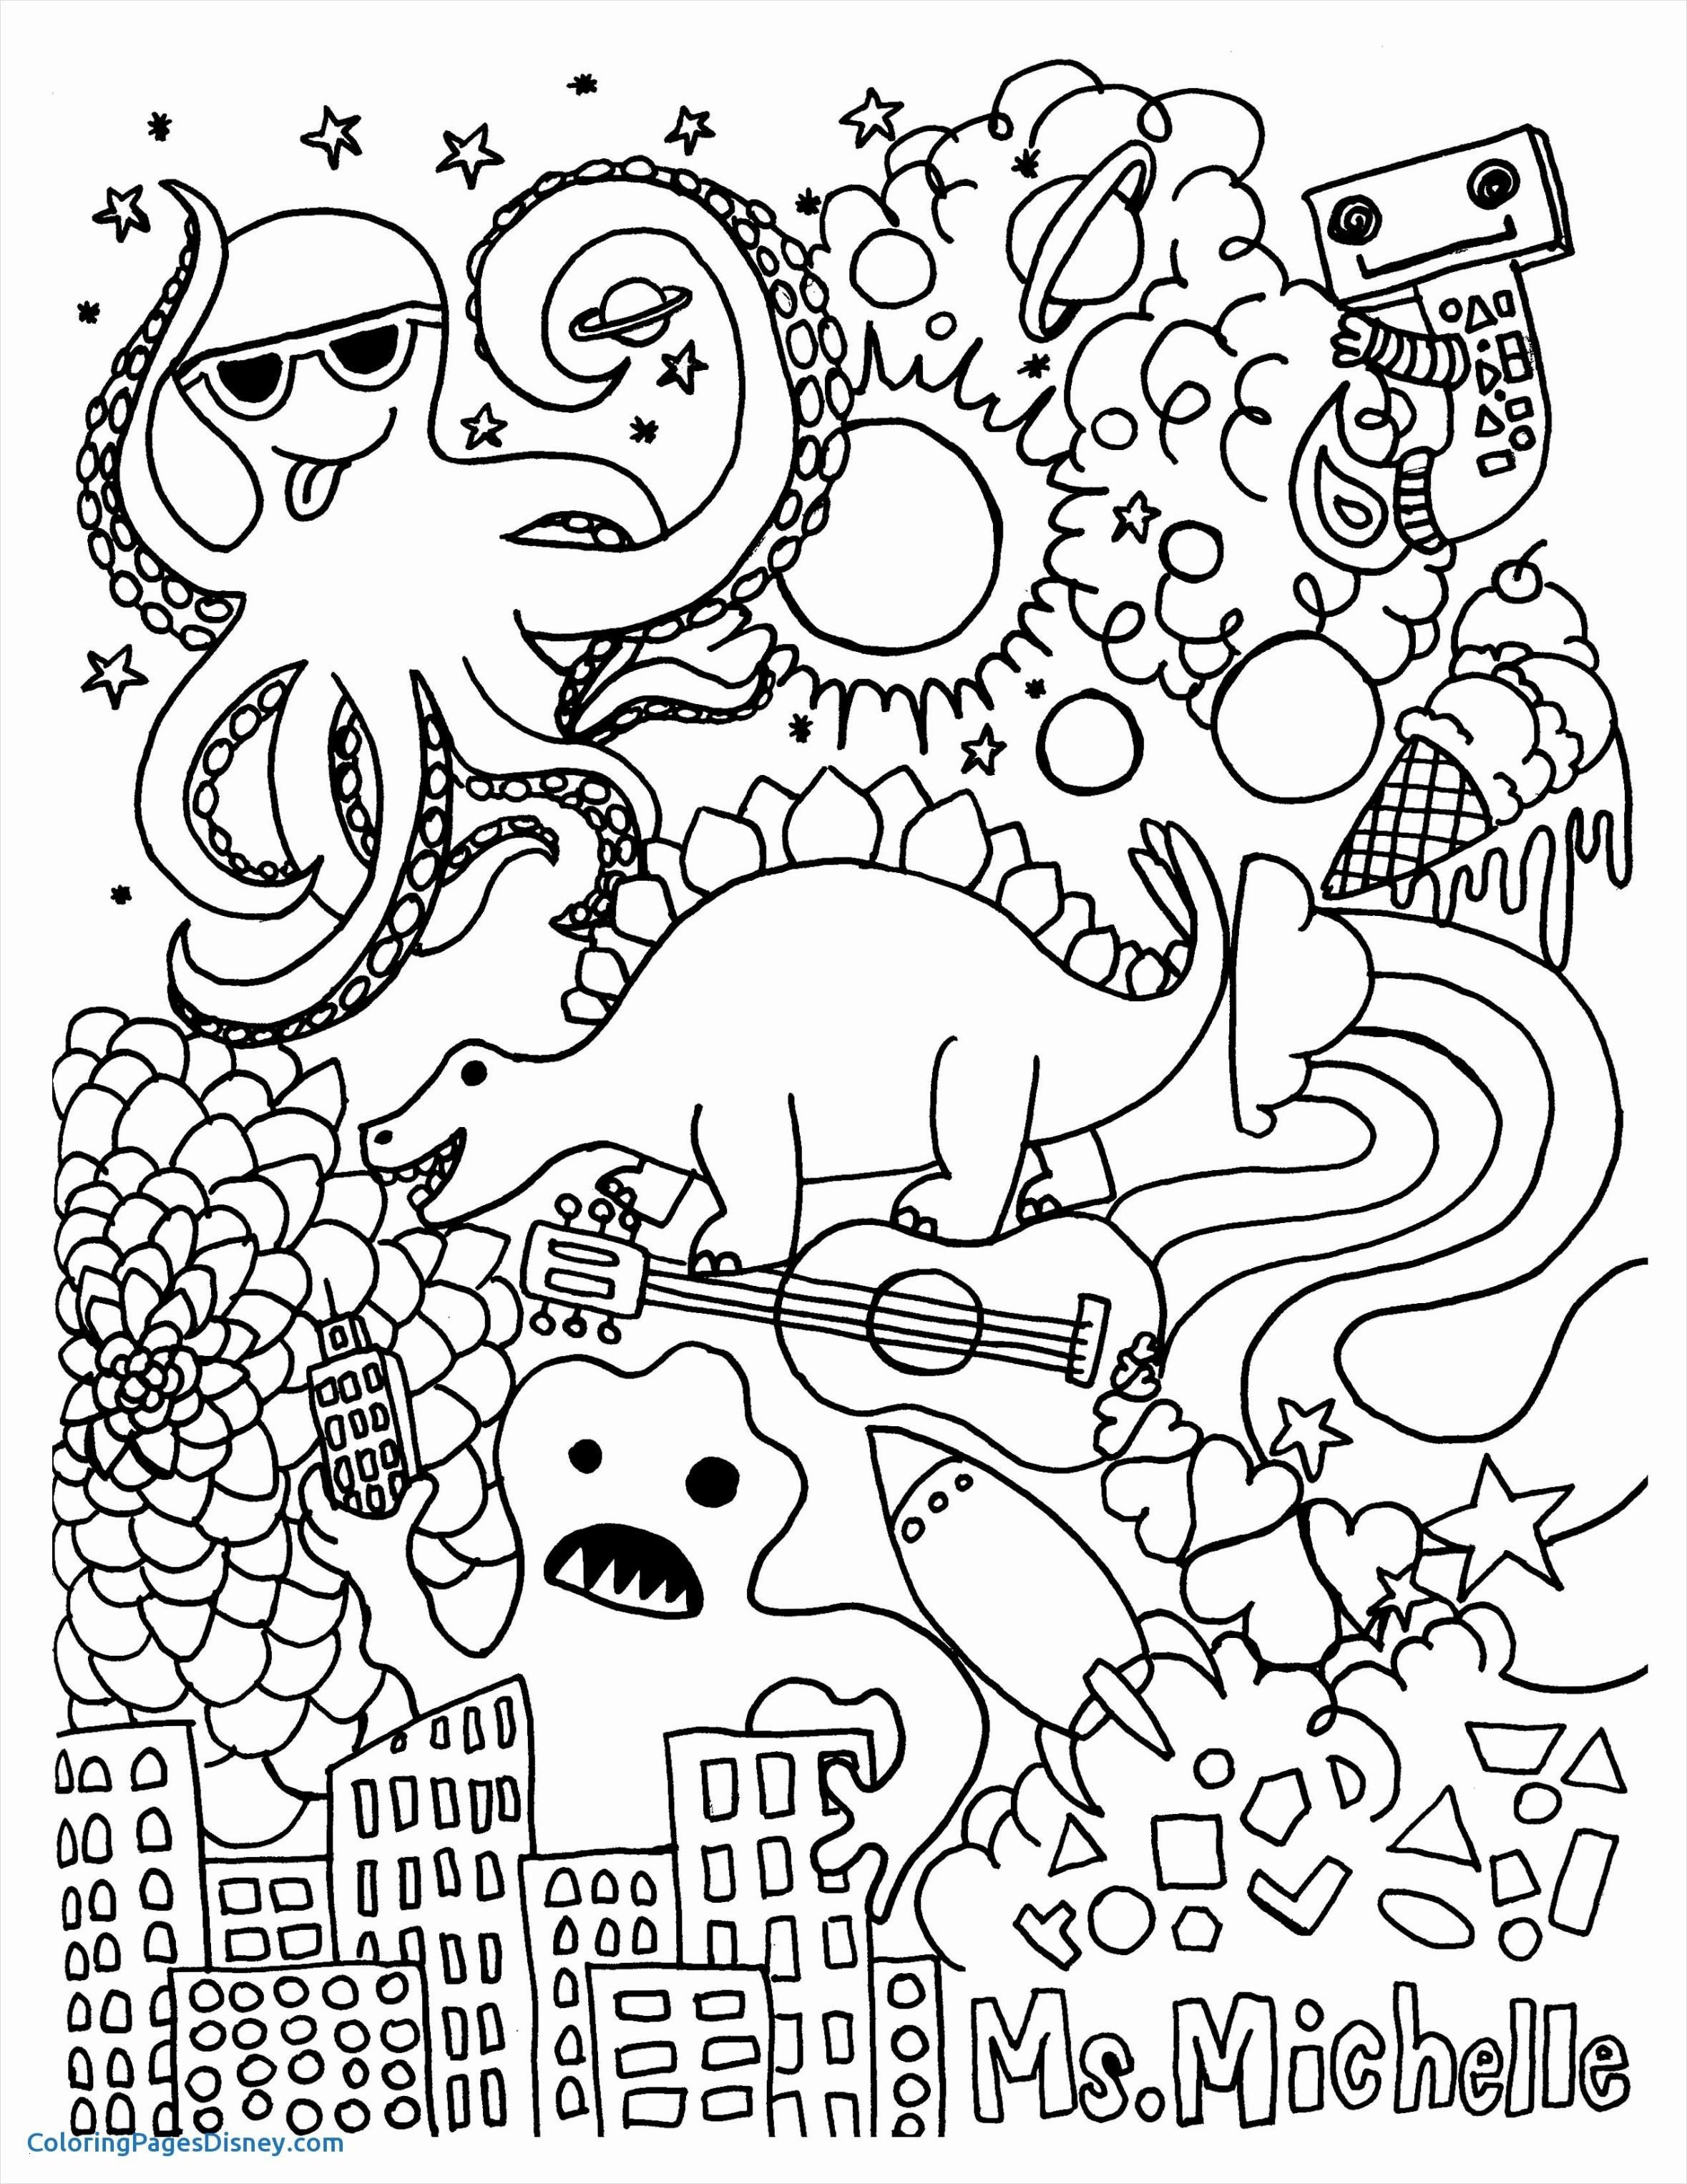 Ausmalbilder Minions Baby Frisch 34 New Pikachu Coloring Pages Alabamashrimpfestival Neu Ausmalbilder Das Bild